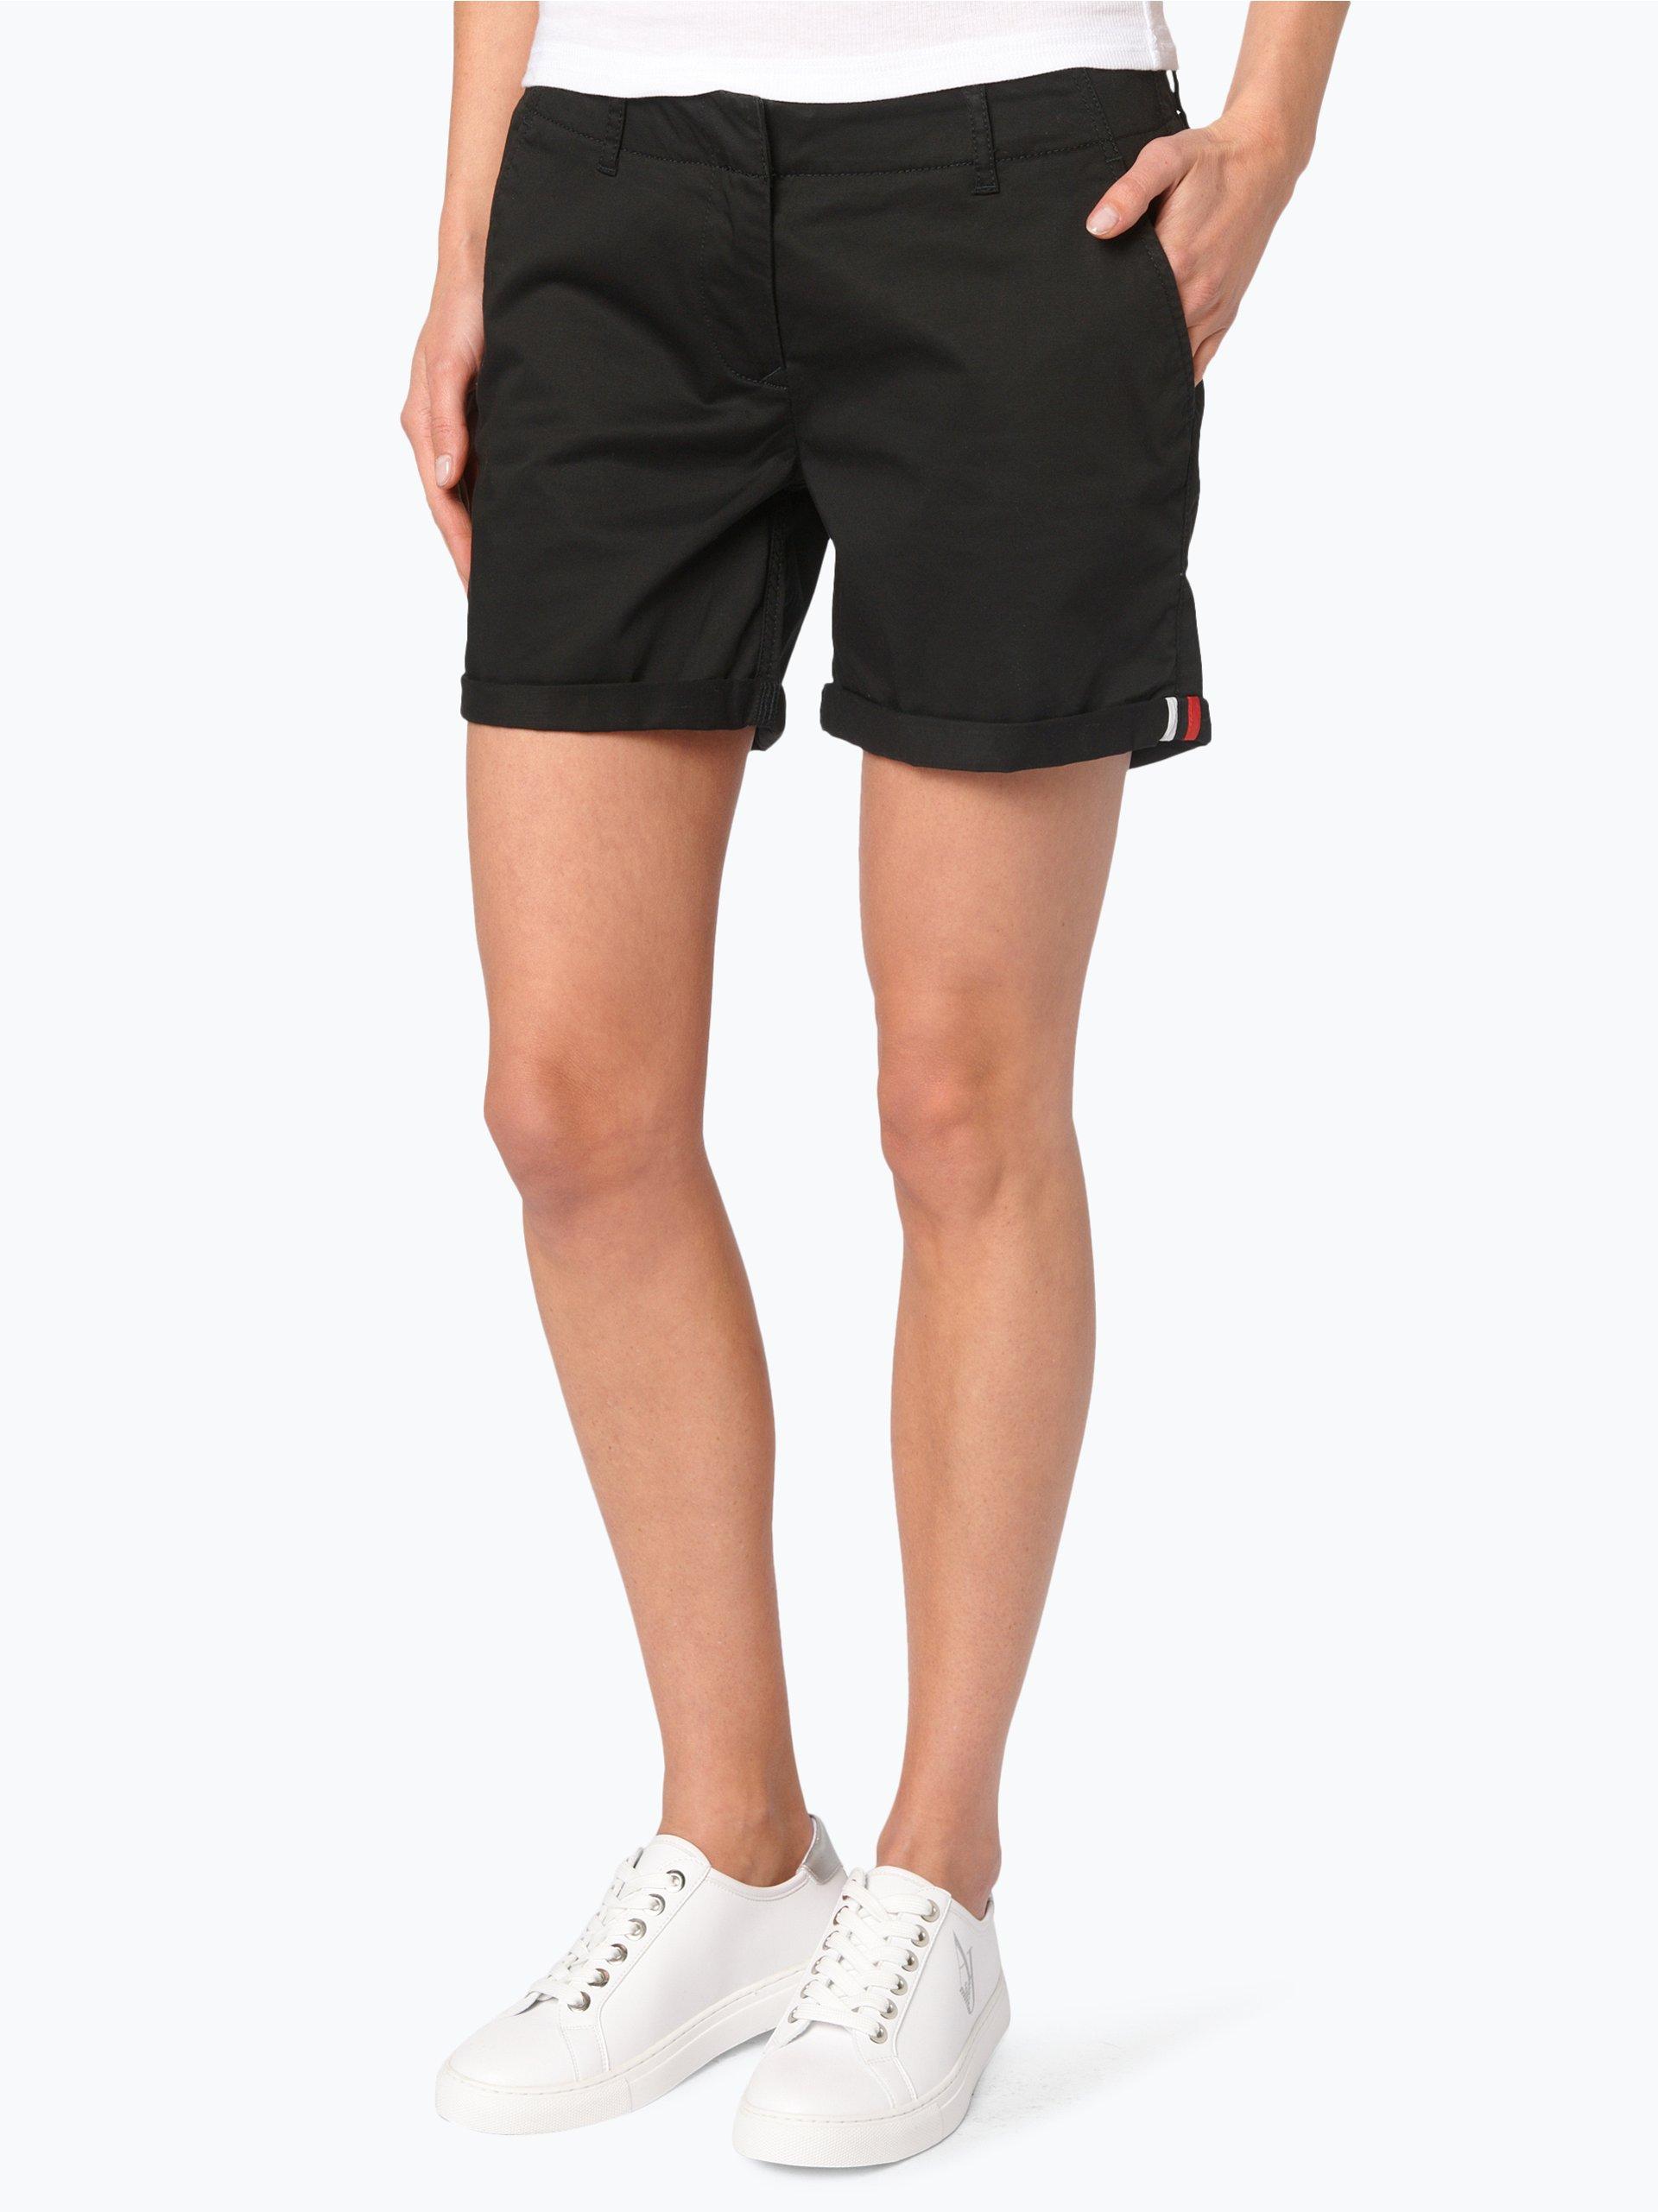 tommy jeans damen shorts schwarz uni online kaufen peek und cloppenburg de. Black Bedroom Furniture Sets. Home Design Ideas